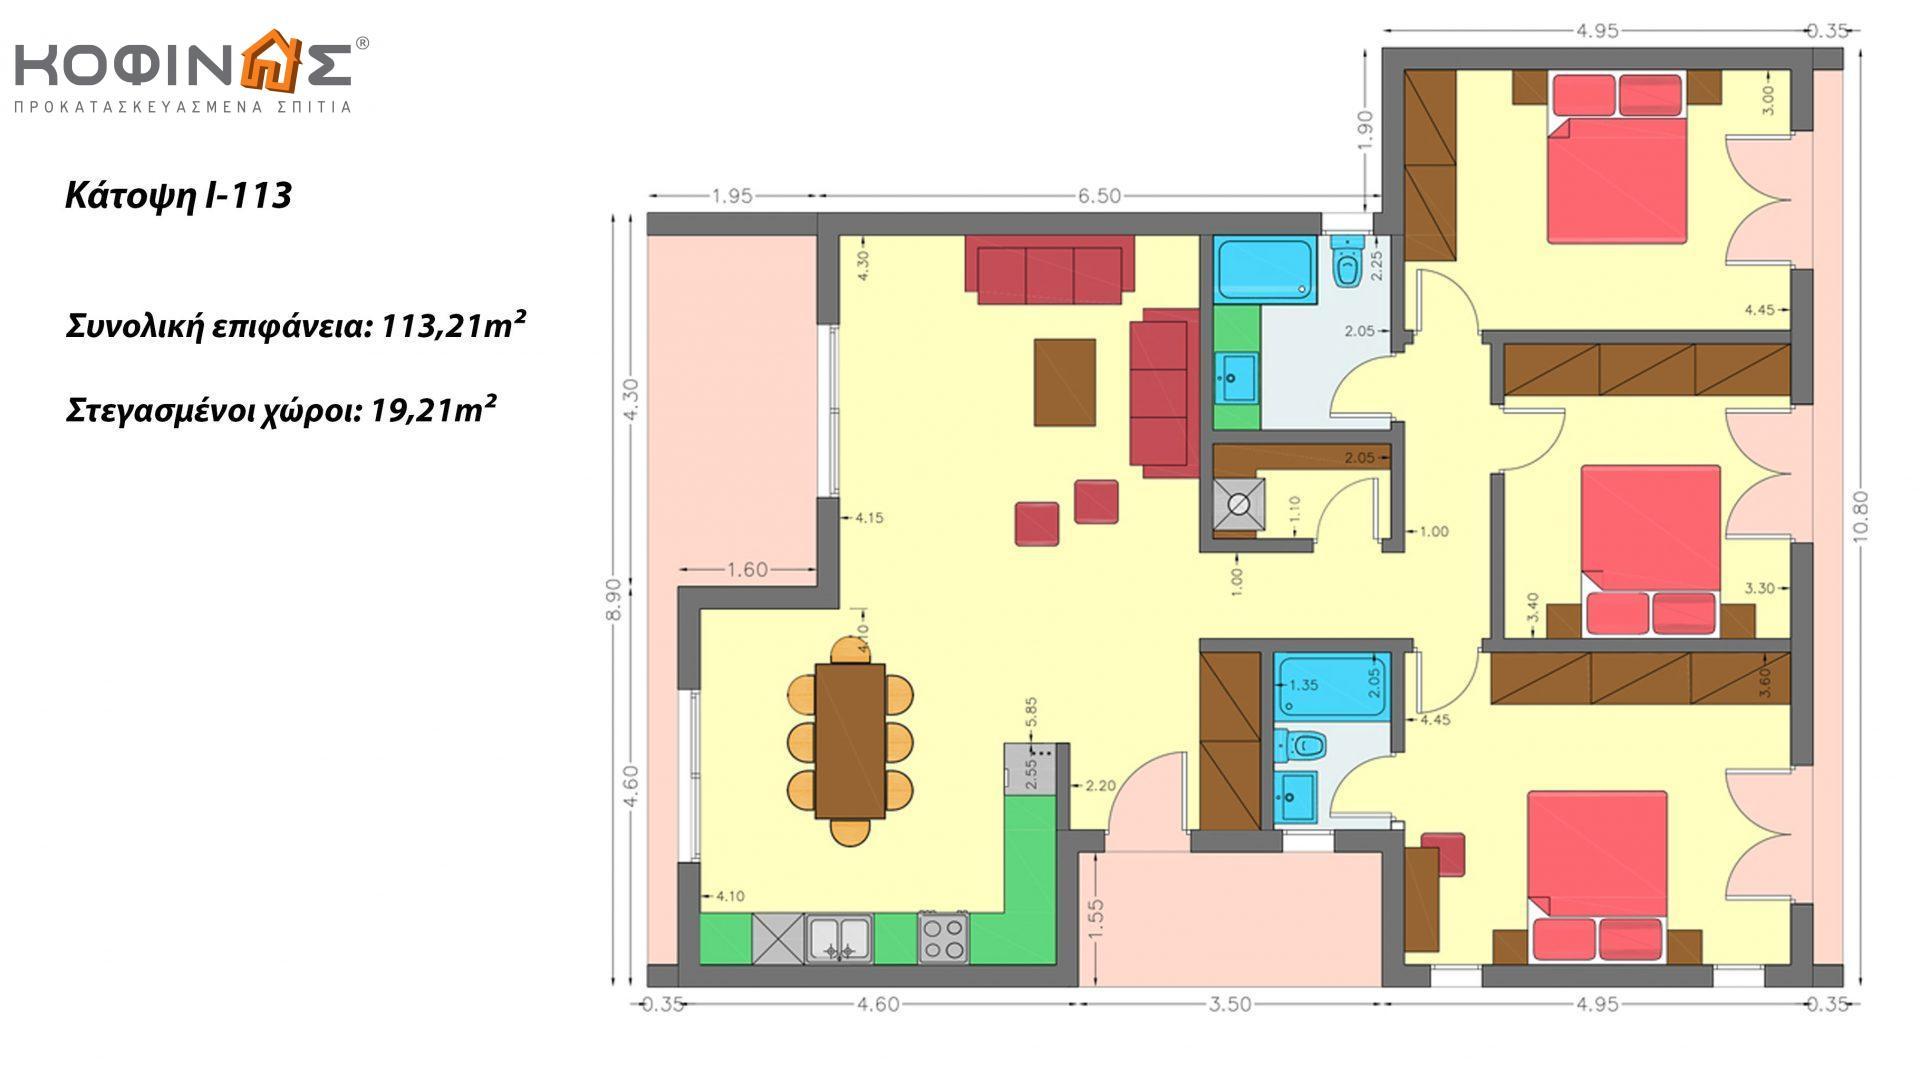 Ισόγεια Κατοικία I-113, συνολικής επιφάνειας 113,21 τ.μ.